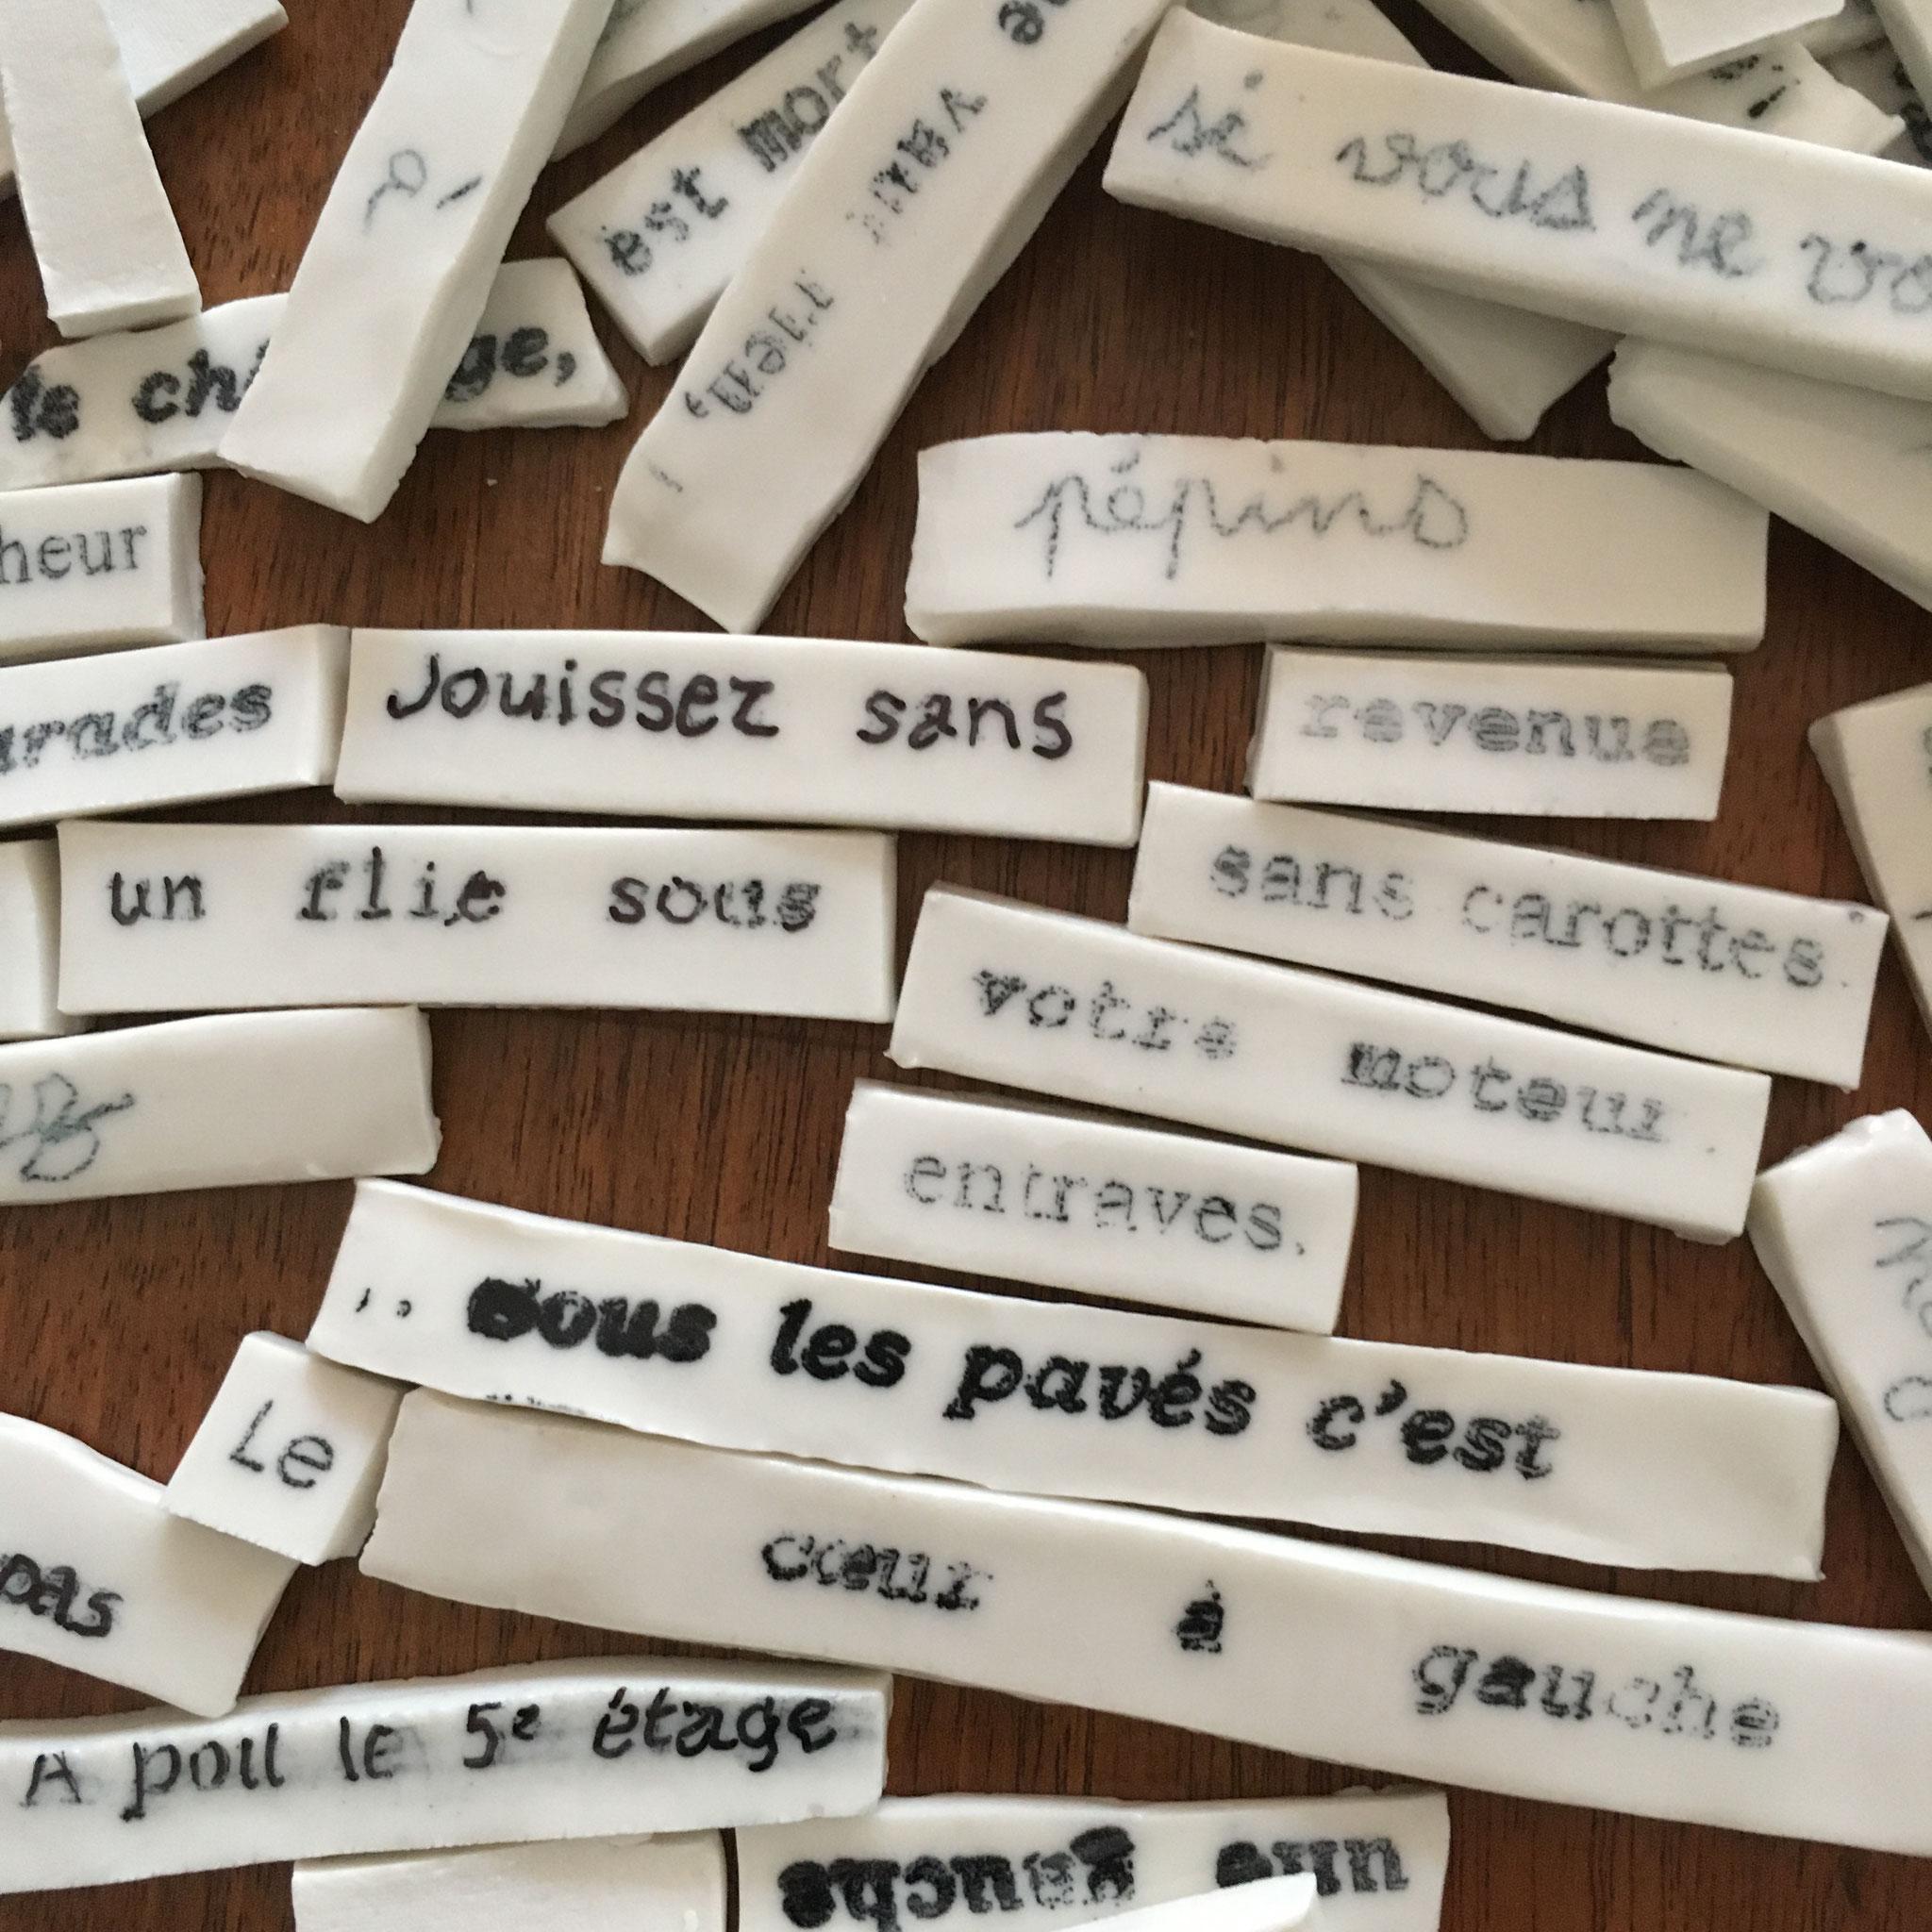 Mémo de mai / installation en porcelaine, clin d'oeil à Mai 68, pour défaire ou refaire les slogans de mai et faire ses propres slogans. exposée en mai 2018 Galerie Terres d'Aligre, Paris 12e arrdt.